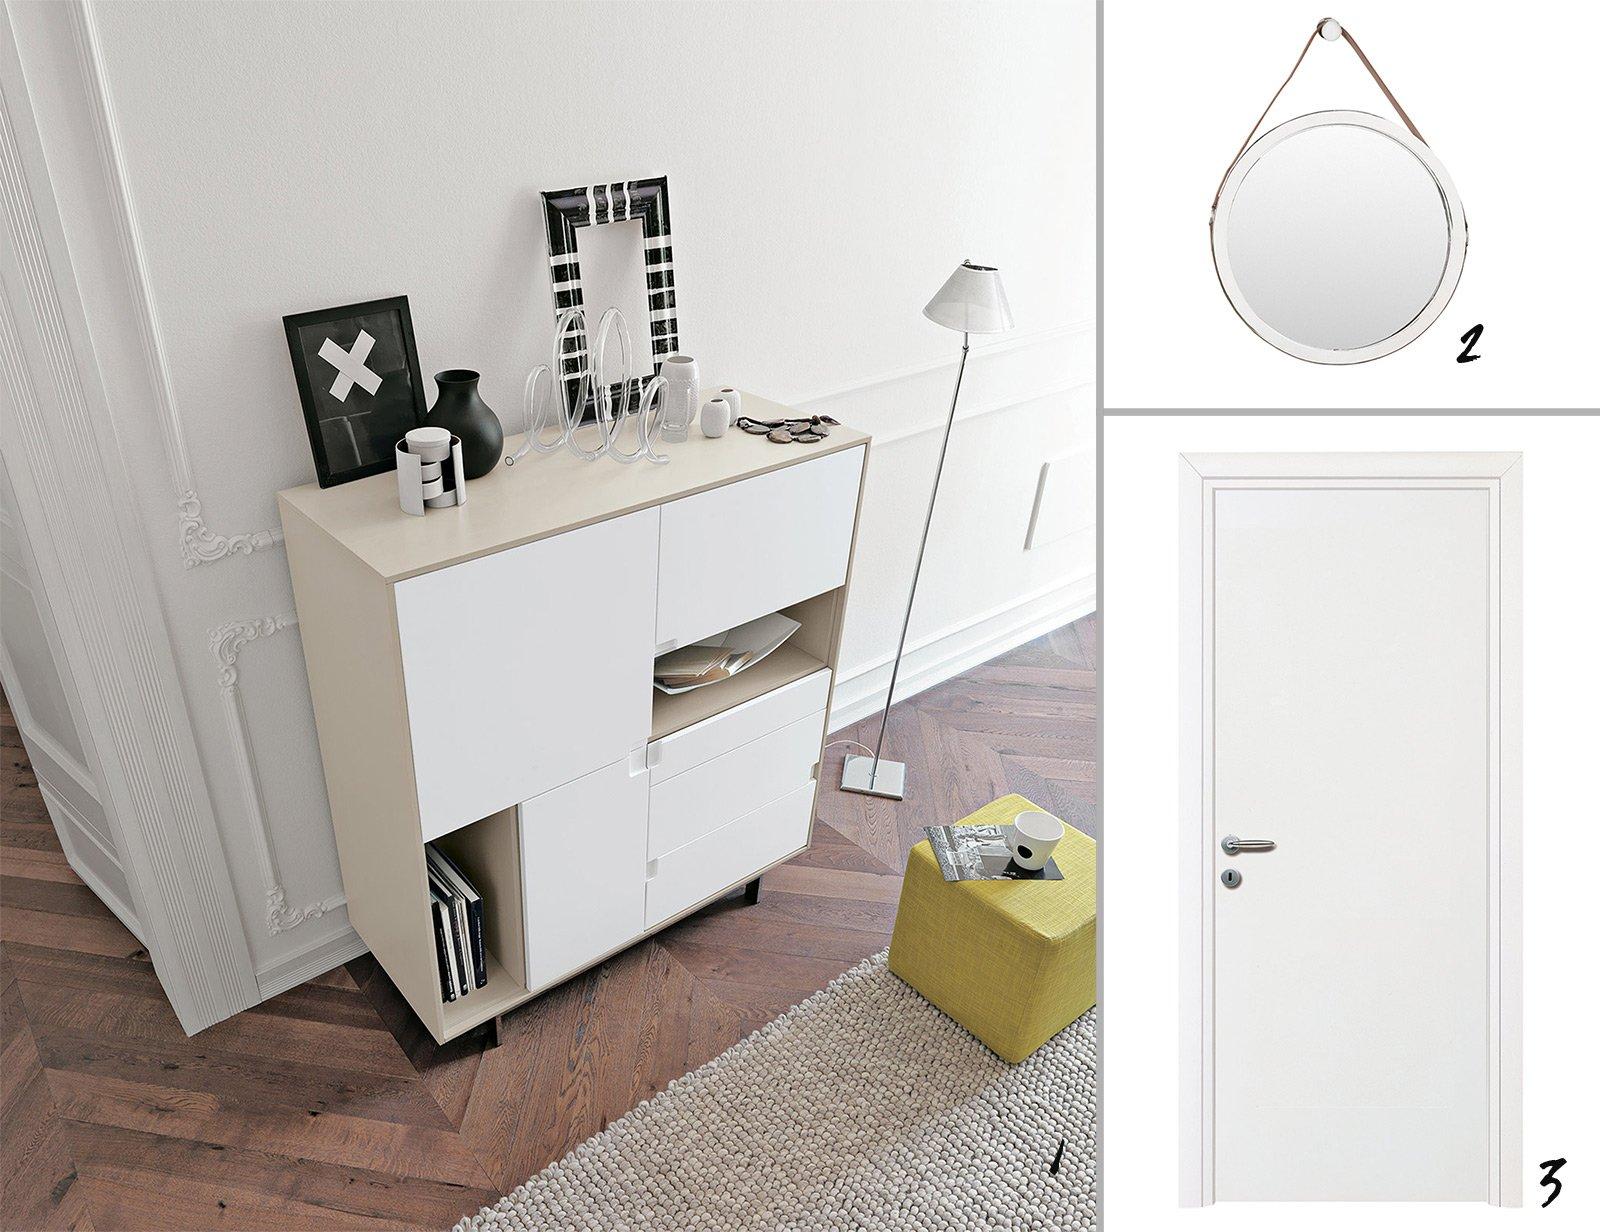 Ingresso aperto sul soggiorno idee da copiare cose di casa for Disegni di casa piano aperto